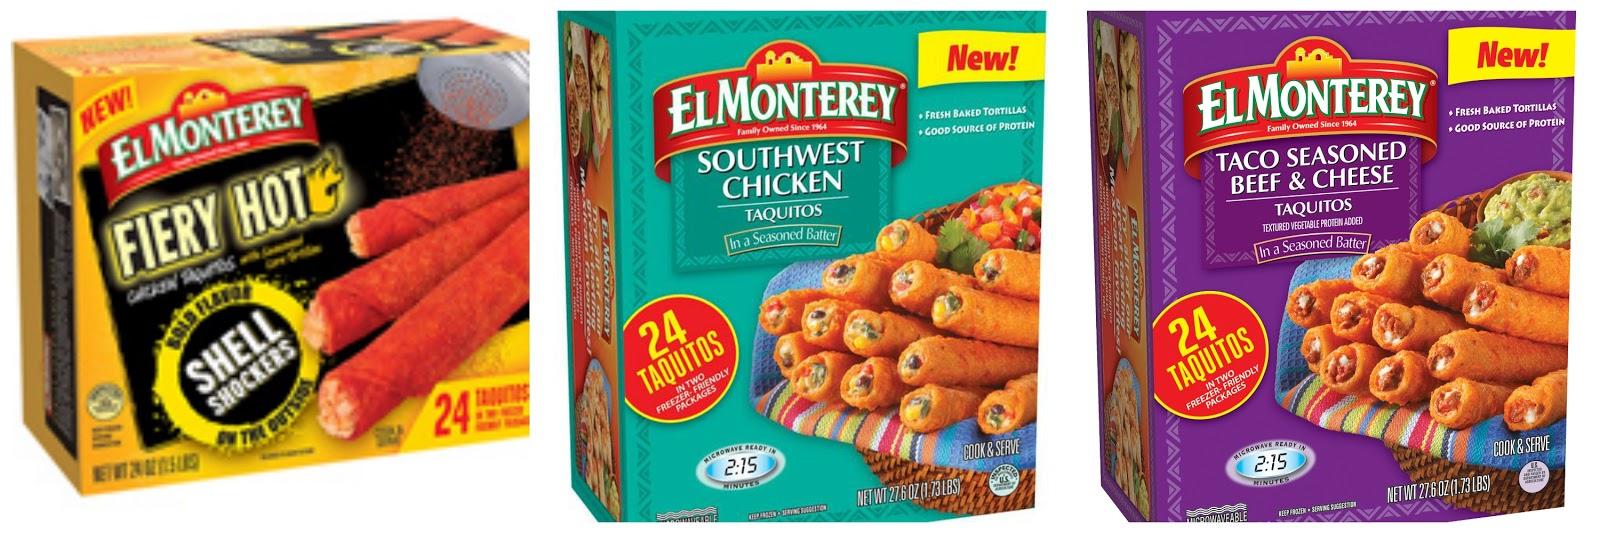 New El Monterey Taquitos